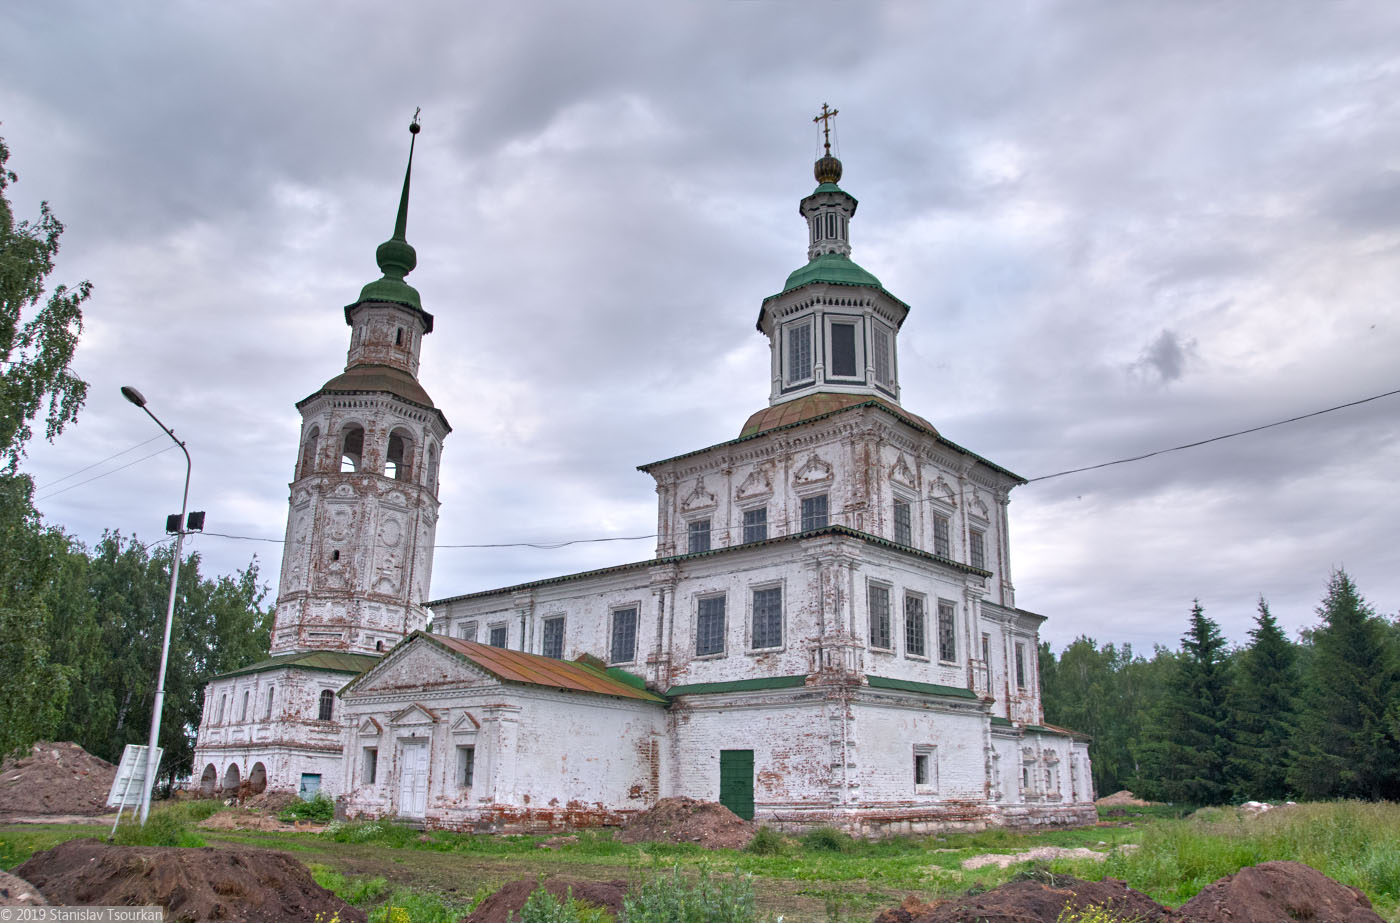 Вологодская область, Вологодчина, Великий устюг, Русский север, Николо-Гостунская церковь